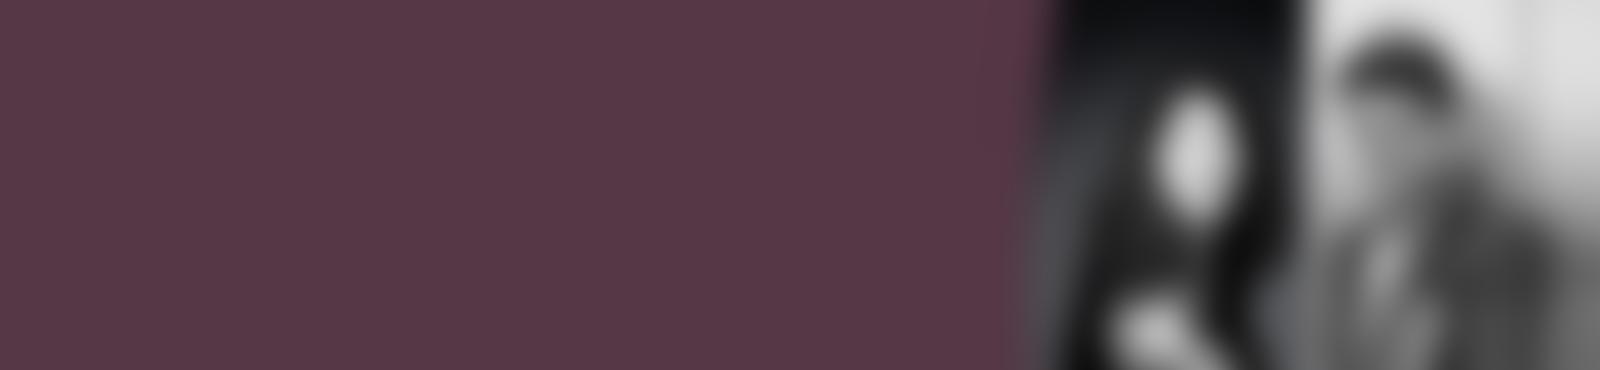 Blurred 2718413c eb3a 402f 8d9f 4f2116aef55a